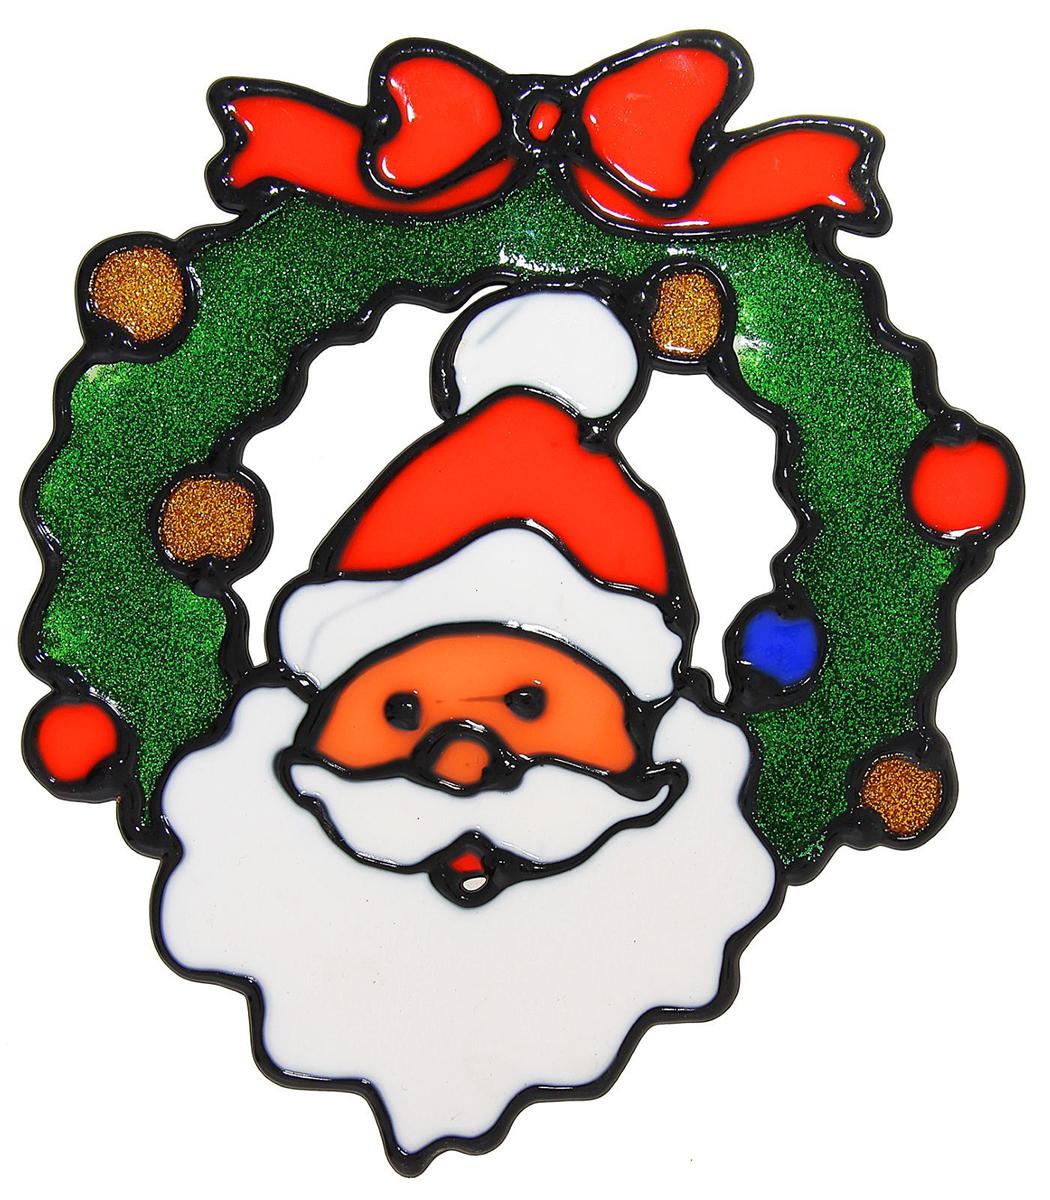 Украшение новогоднее оконное NoName Дед Мороз с рождественским венком, 14 х 16 см1113559Новогоднее оконное украшение NoName Дед Мороз с рождественским венком поможет украсить дом к предстоящим праздникам. Яркая наклейка крепится к гладкой поверхности стекла посредством статического эффекта. С помощью такого украшения вы сможете оживить интерьер по своему вкусу.Новогодние украшения всегда несут в себе волшебство и красоту праздника. Создайте в своем доме атмосферу тепла, веселья и радости, украшая его всей семьей.